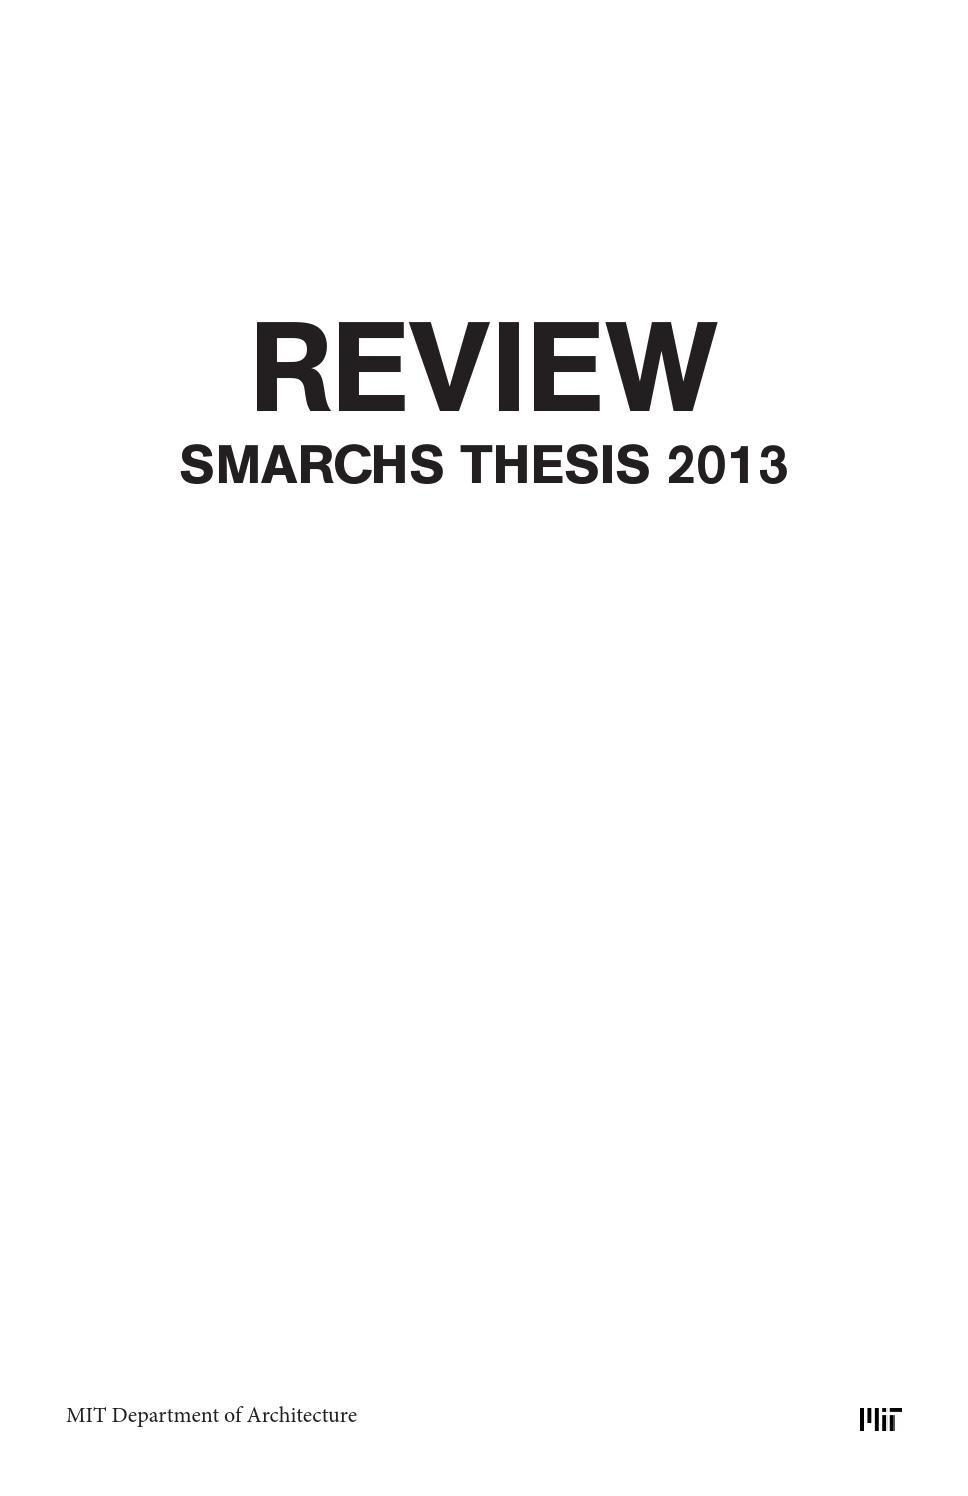 vuw thesis deposit